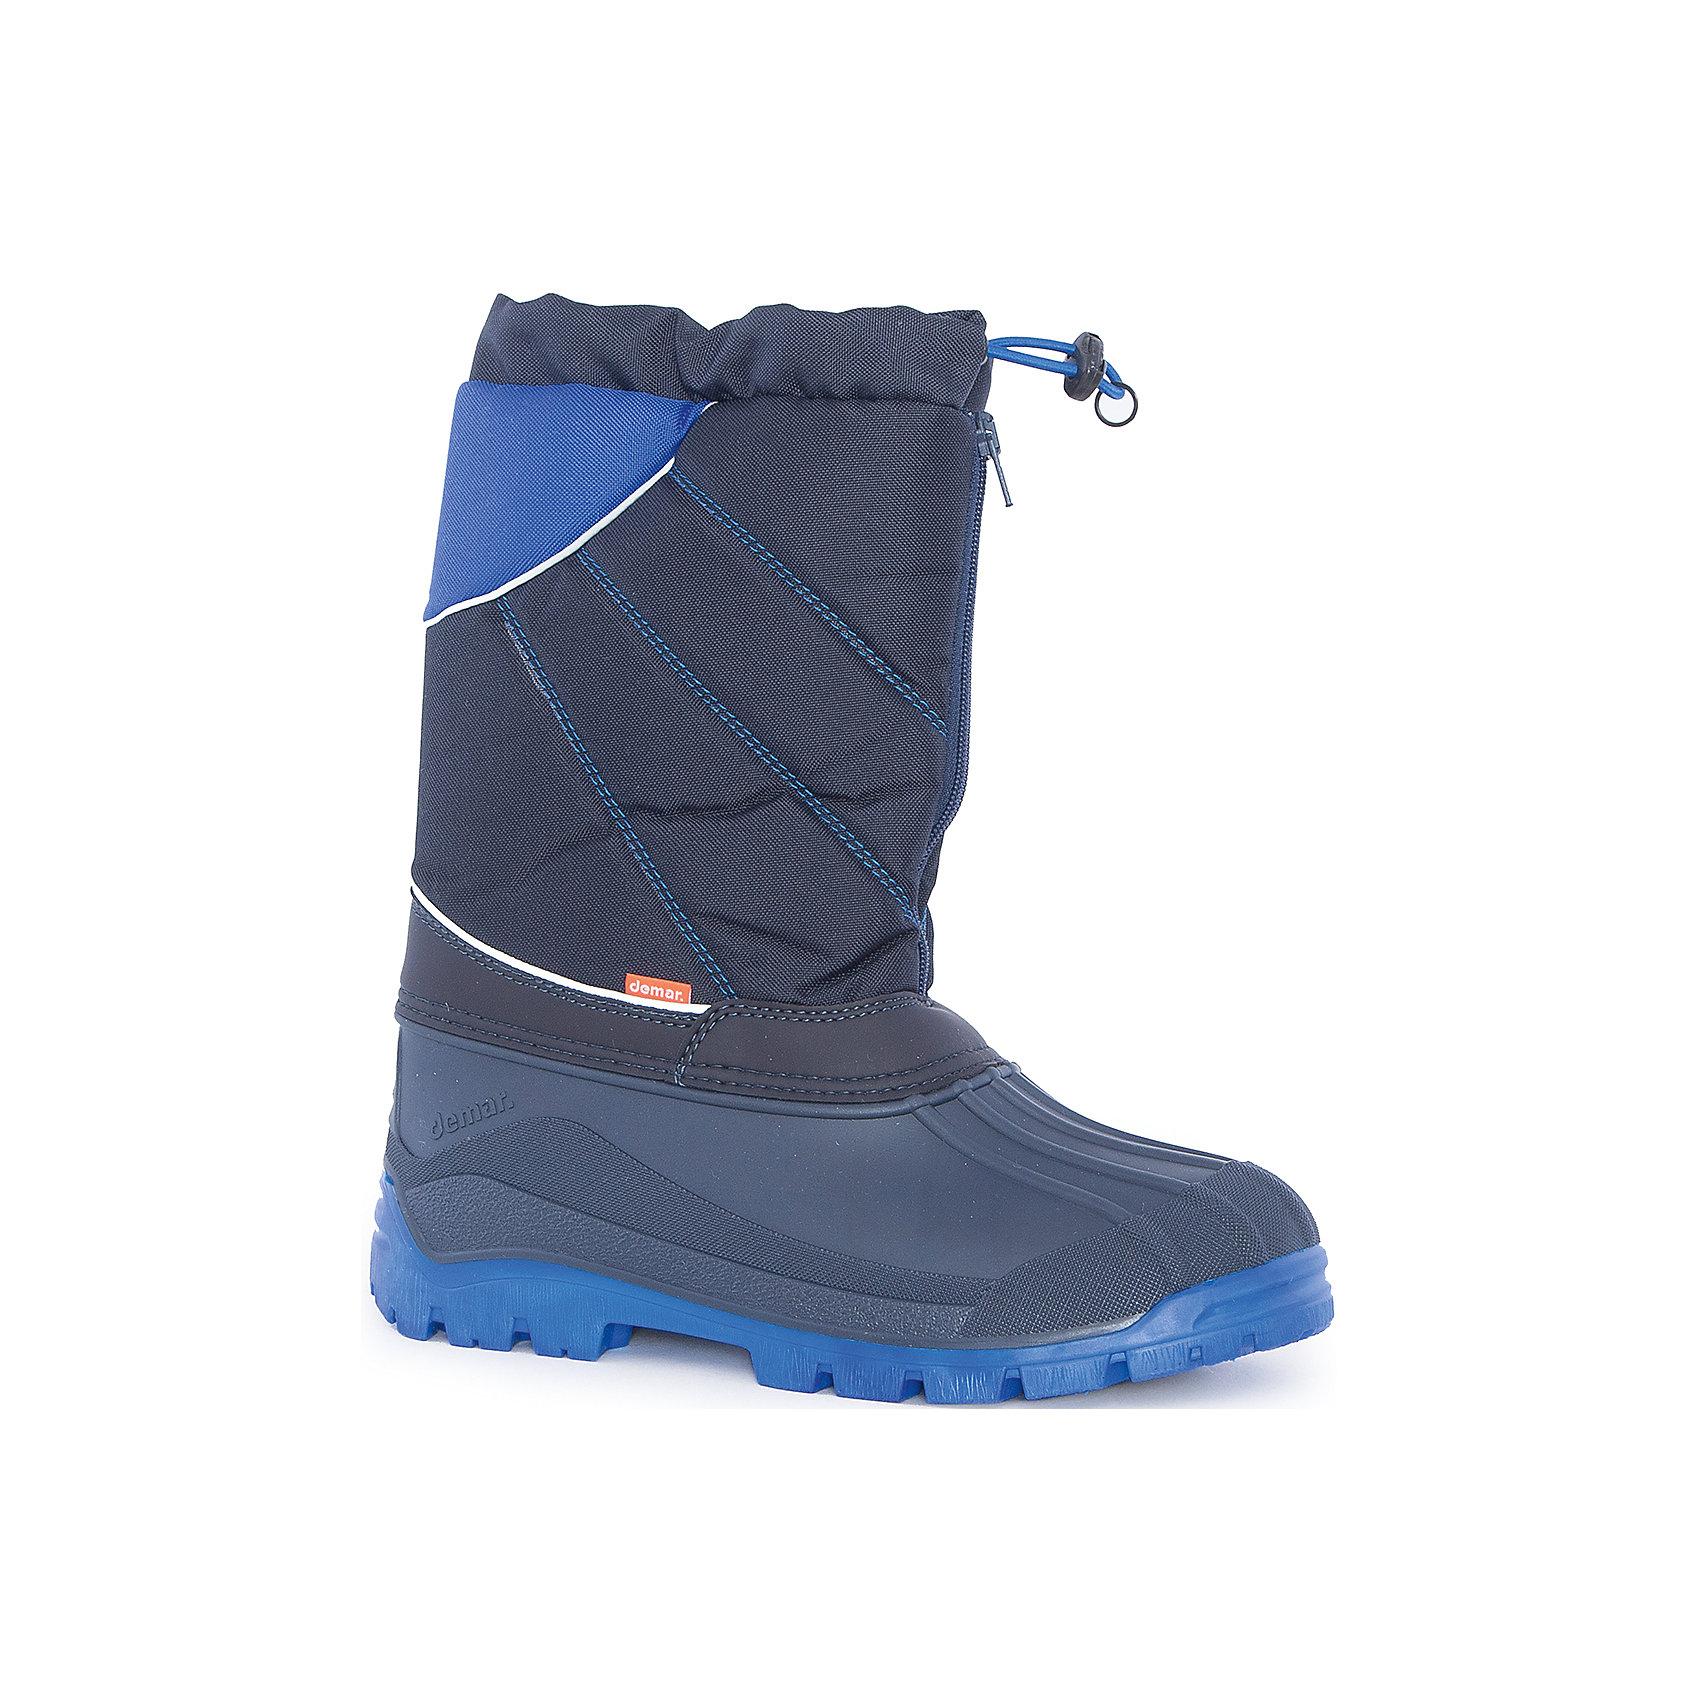 Сноубутсы Nico-M для мальчика DEMARСноубутсы<br>Характеристики товара:<br><br>• цвет: черный, синий<br>• материал верха: текстиль<br>• материал подкладки: 100% натуральная шерсть <br>• материал подошвы: ТЭП<br>• температурный режим: от -25° до 0° С<br>• верх не продувается, пропитка от грязи и влаги<br>• анискользящая подошва<br>• молния<br>• усиленные пятка и носок<br>• страна бренда: Польша<br>• страна изготовитель: Польша<br><br>Зима - это время катания с горок, игр в снежки, лепки снеговиков и прогулок в снегопад! Чтобы не пропустить главные зимние удовольствия, нужно запастись теплой и удобной обувью. Такие сапожки обеспечат ребенку необходимый для активного отдыха комфорт, а подкладка из натуральной овечьей шерсти позволит ножкам оставаться теплыми. Сапожки легко надеваются и снимаются, отлично сидят на ноге. Они удивительно легкие!<br>Обувь от польского бренда Demar - это качественные товары, созданные с применением новейших технологий и с использованием как натуральных, так и высокотехнологичных материалов. Обувь отличается стильным дизайном и продуманной конструкцией. Изделие производится из качественных и проверенных материалов, которые безопасны для детей.<br><br>Сапоги Nico-M для мальчика от бренда Demar (Демар) можно купить в нашем интернет-магазине.<br><br>Ширина мм: 257<br>Глубина мм: 180<br>Высота мм: 130<br>Вес г: 420<br>Цвет: синий<br>Возраст от месяцев: 168<br>Возраст до месяцев: 192<br>Пол: Мужской<br>Возраст: Детский<br>Размер: 39/40<br>SKU: 5146897